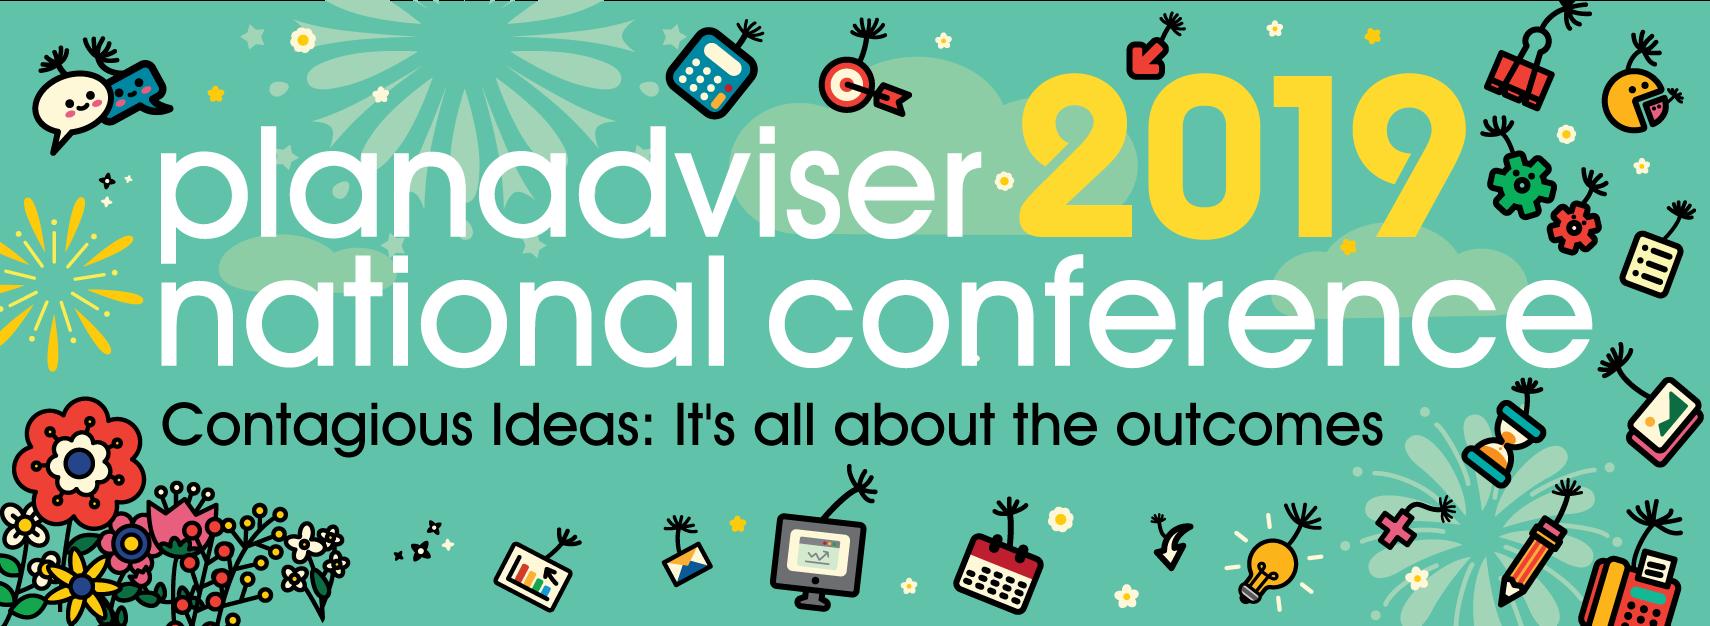 2019 PLANADVISER National Conference   PLANADVISER